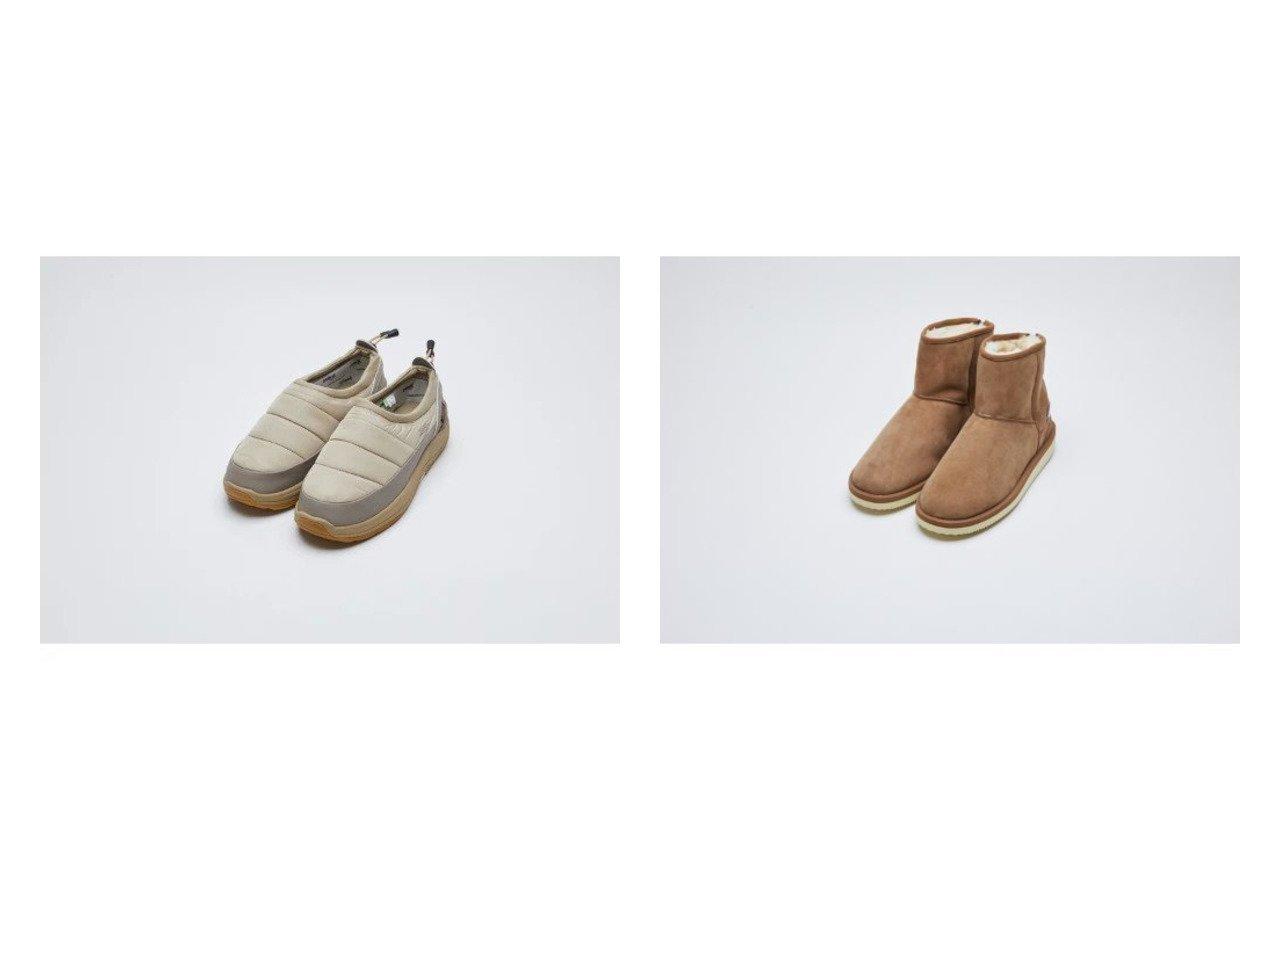 【SUICOKE/スイコック】のPEPPER-アウトドア対応&ショートムートンブーツ 【シューズ・靴】おすすめ!人気、トレンド・レディースファッションの通販  おすすめで人気の流行・トレンド、ファッションの通販商品 インテリア・家具・メンズファッション・キッズファッション・レディースファッション・服の通販 founy(ファニー) https://founy.com/ ファッション Fashion レディースファッション WOMEN アウトドア クッション シューズ スリッポン フィット フラット ラップ ショート ムートン 抗菌 軽量 |ID:crp329100000062302